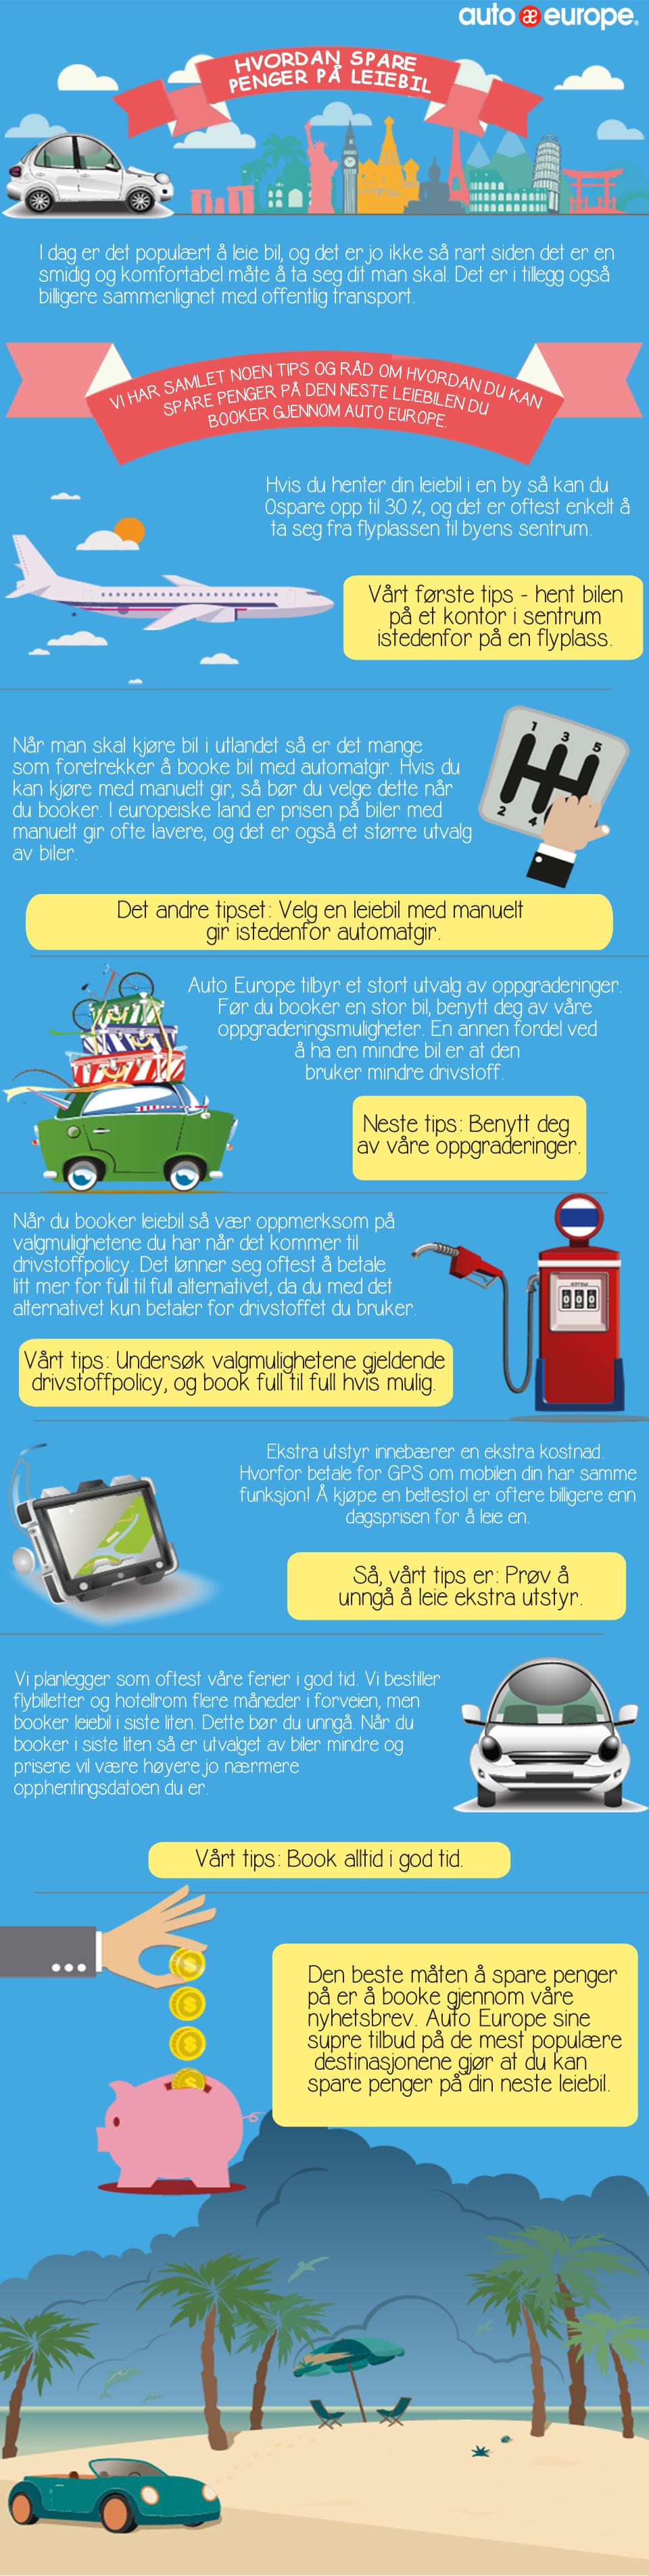 Hvordan spare penger på leiebil med Auto Europe